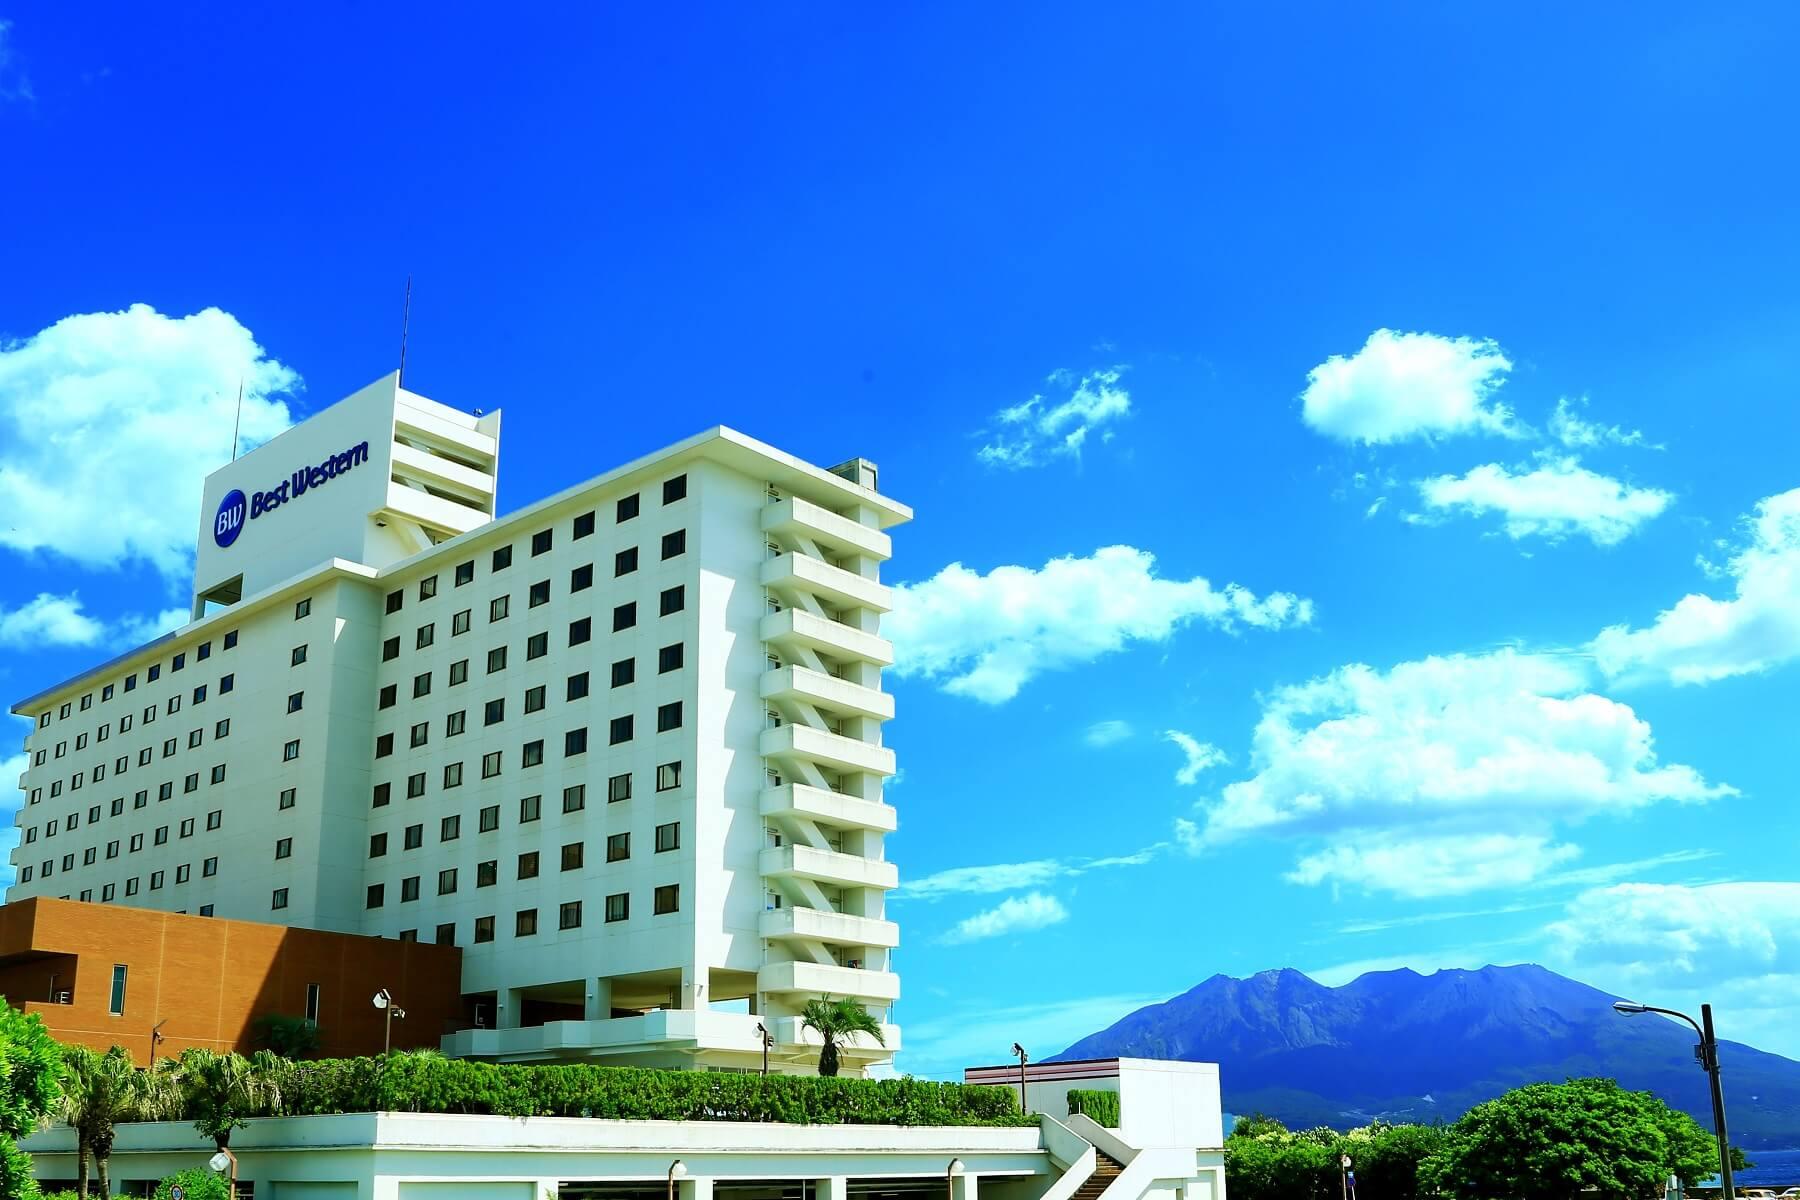 ベストウェスタンレンブラントホテル鹿児島リゾートの公式HPがリニューアル!